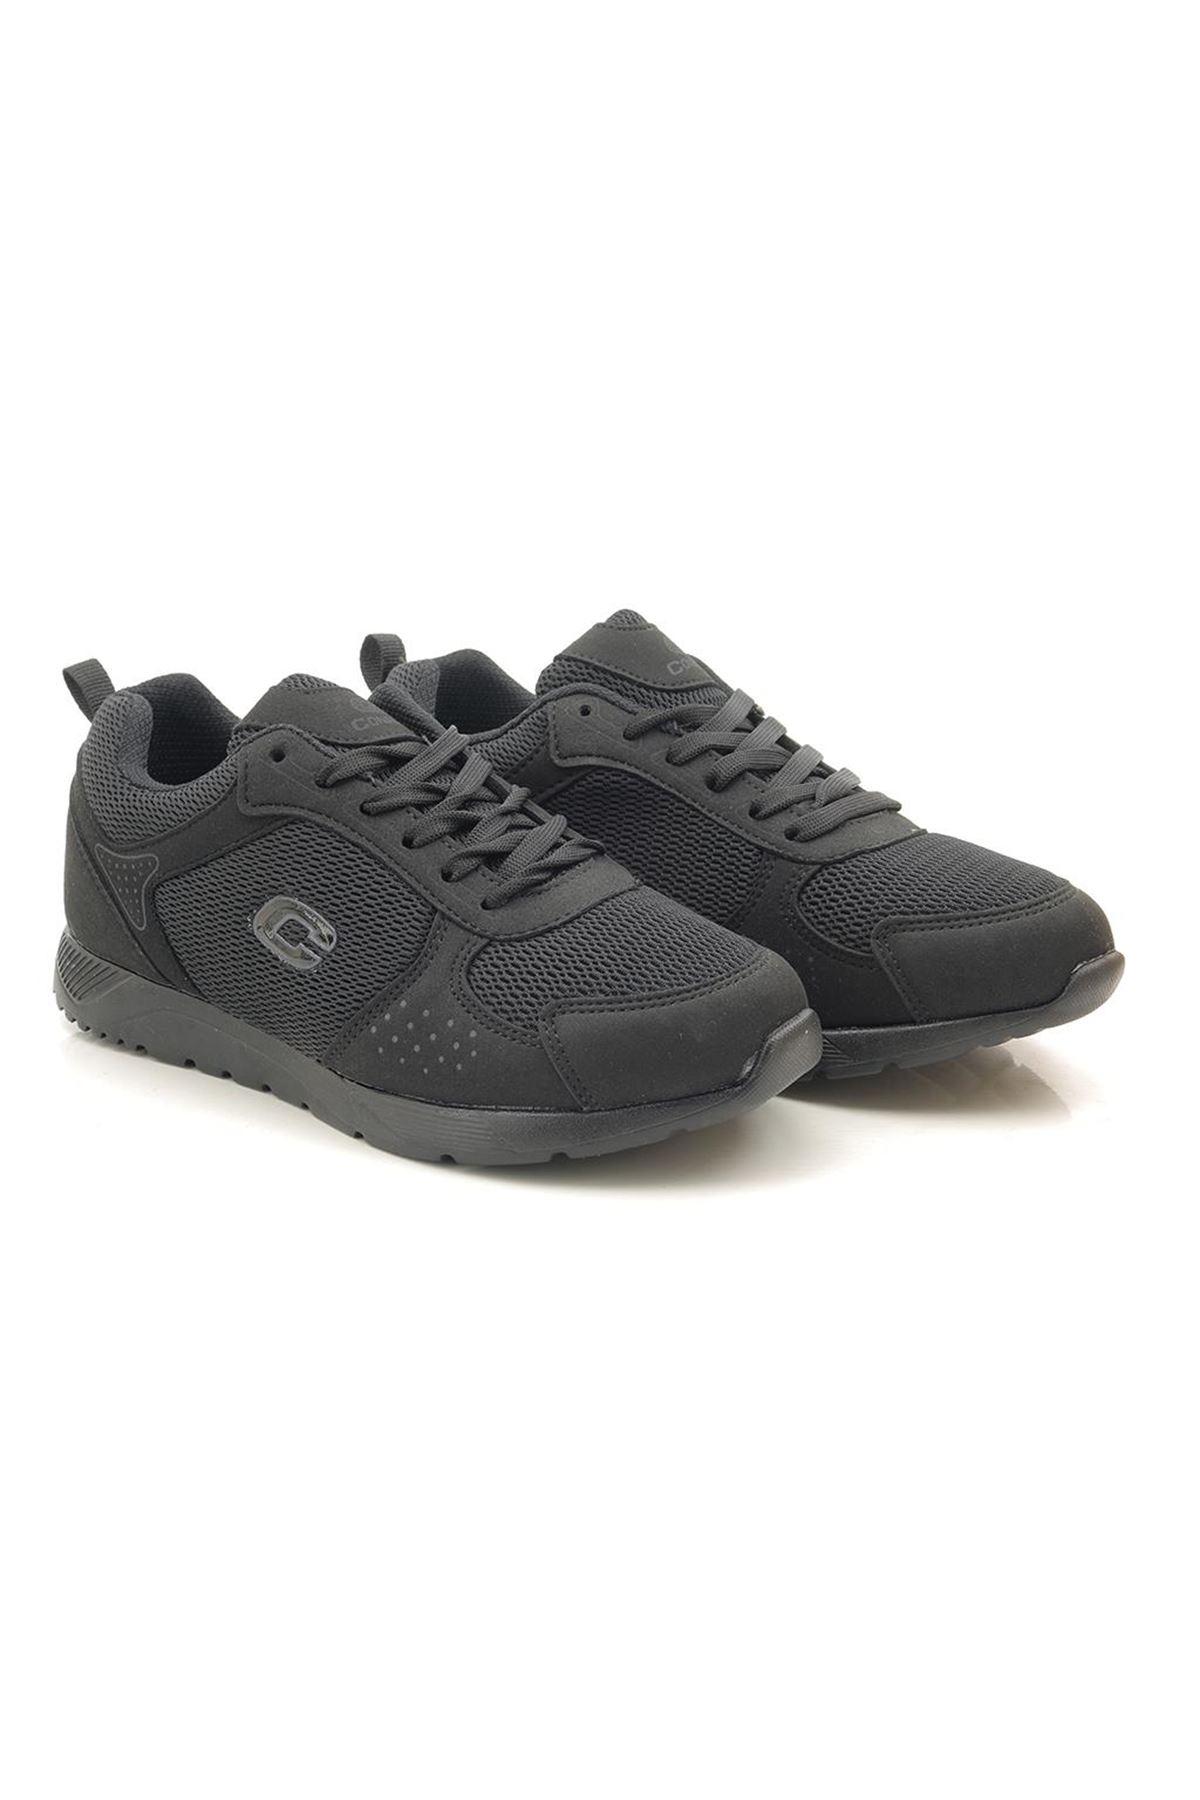 Conpax Ultra Comfort Anorak Spor Ayakkabı